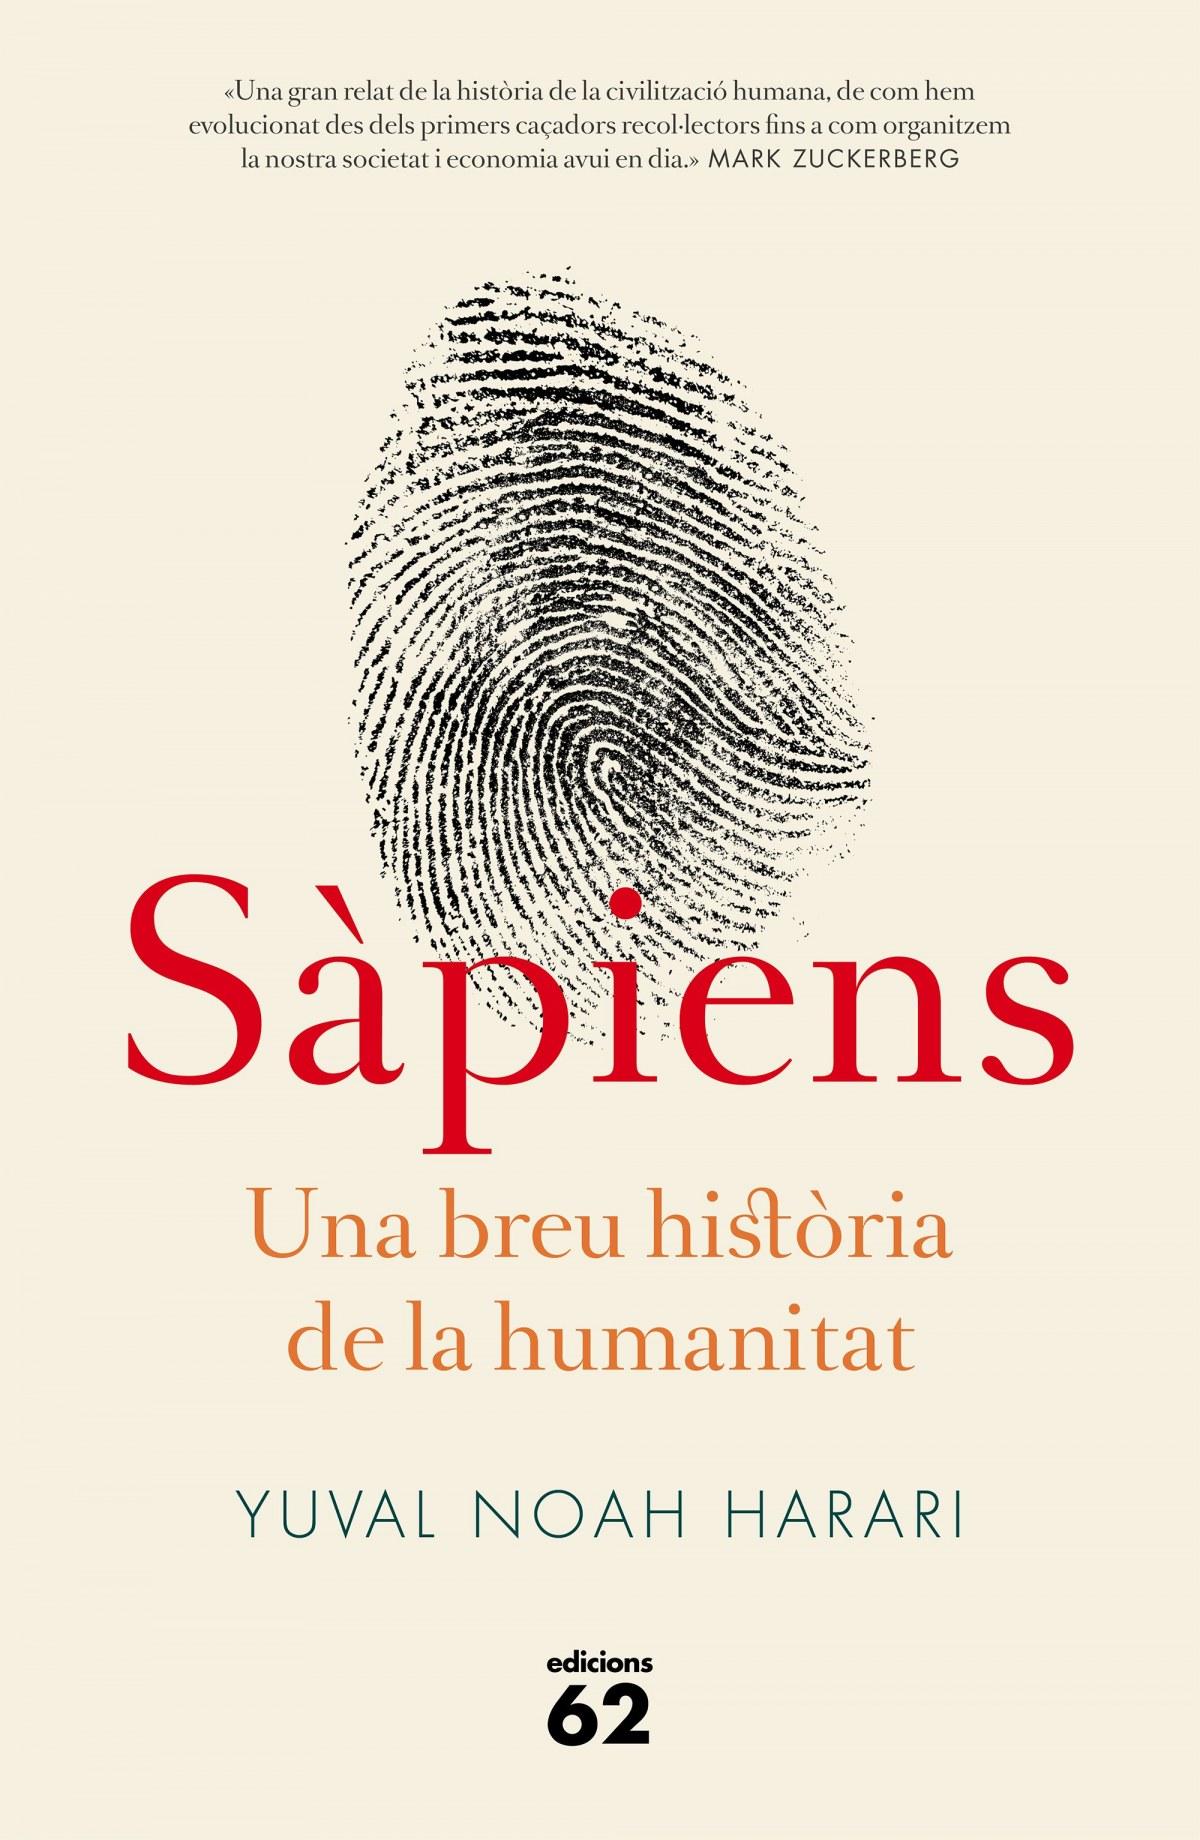 Sapiens 9788429775174